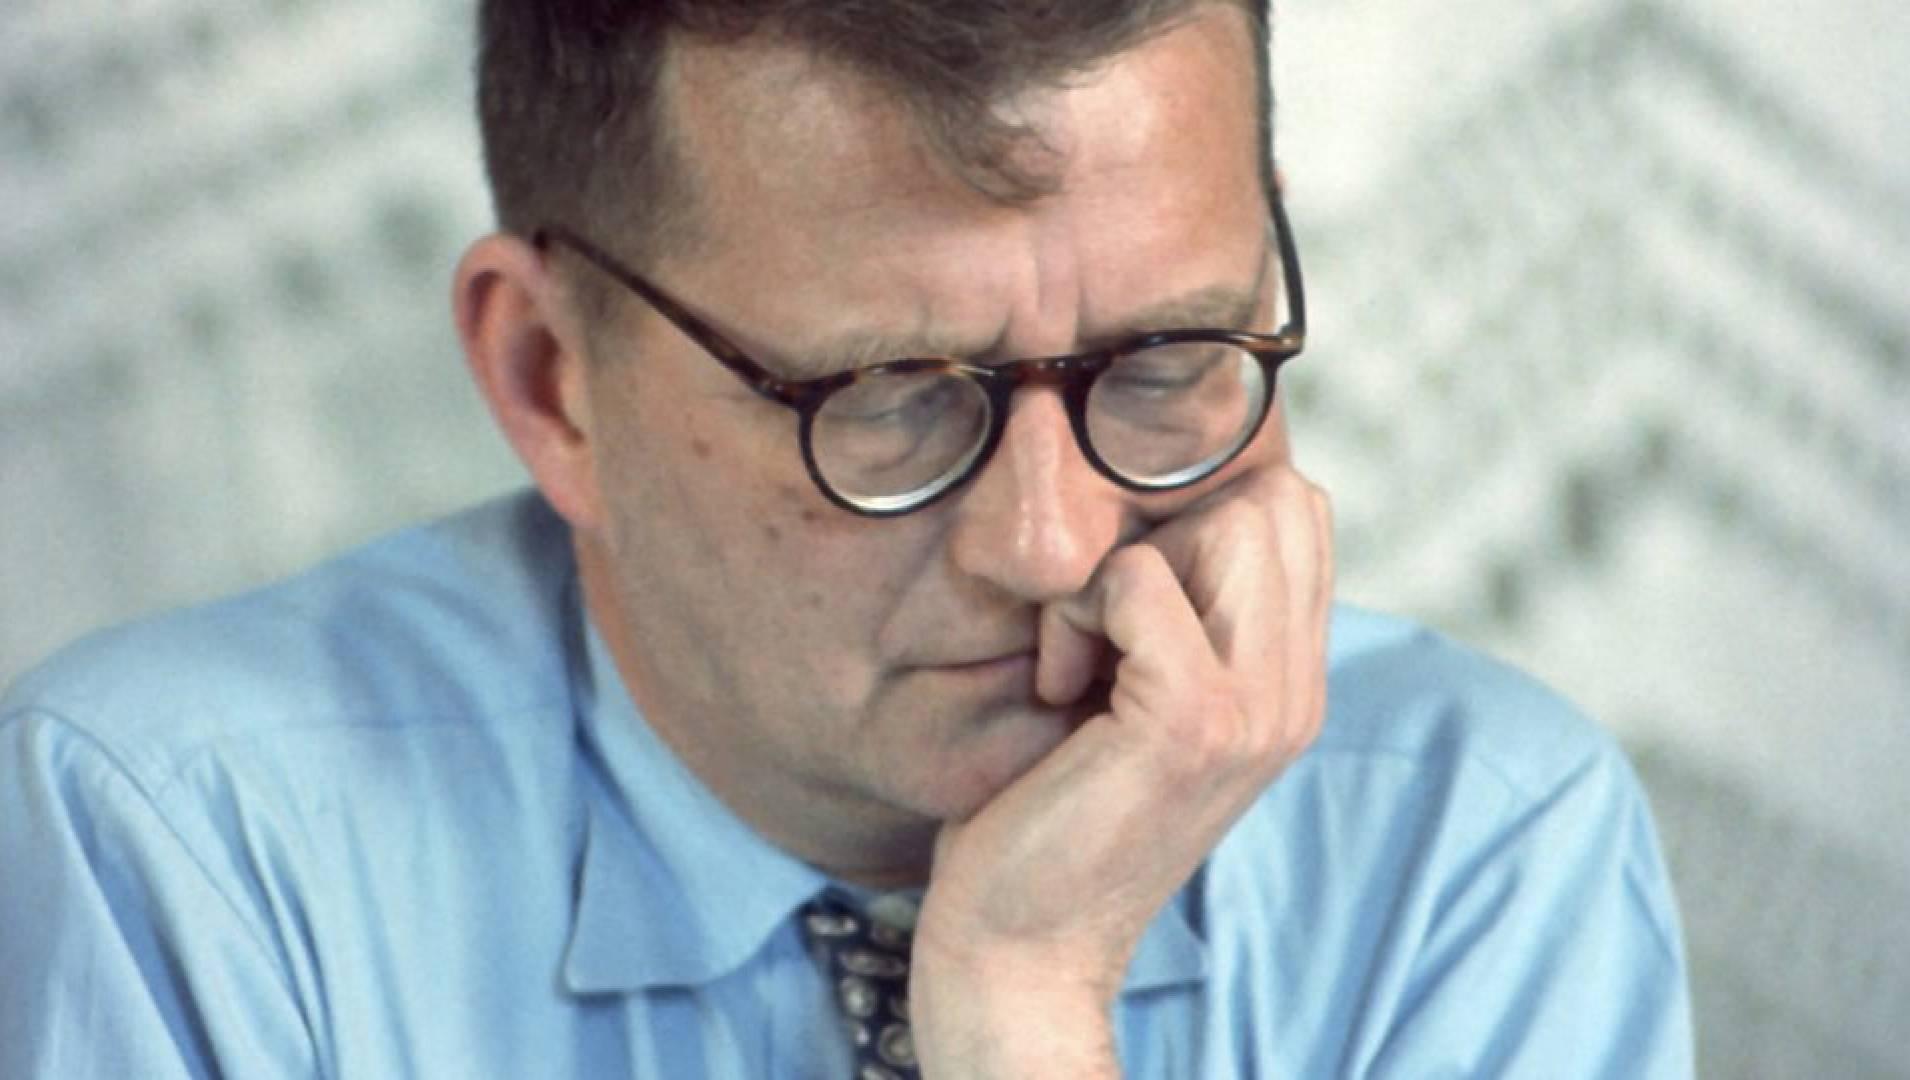 Дмитрий Шостакович: Я оставляю сердце вам в залог - Документальный фильм